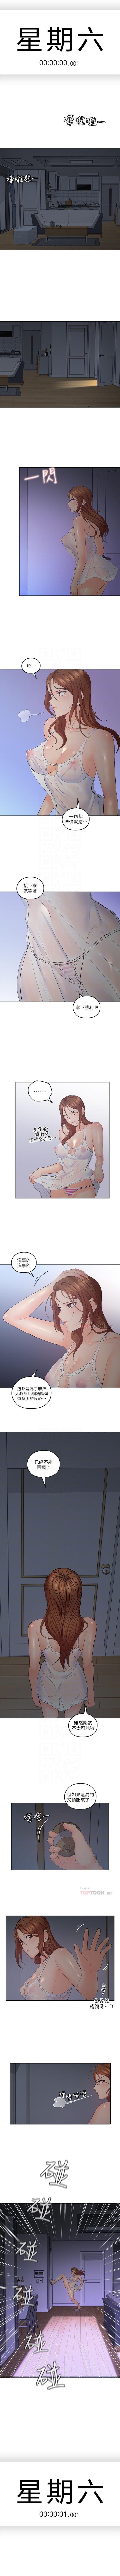 (週4)親愛的大叔 1-33 中文翻譯(更新中) 159